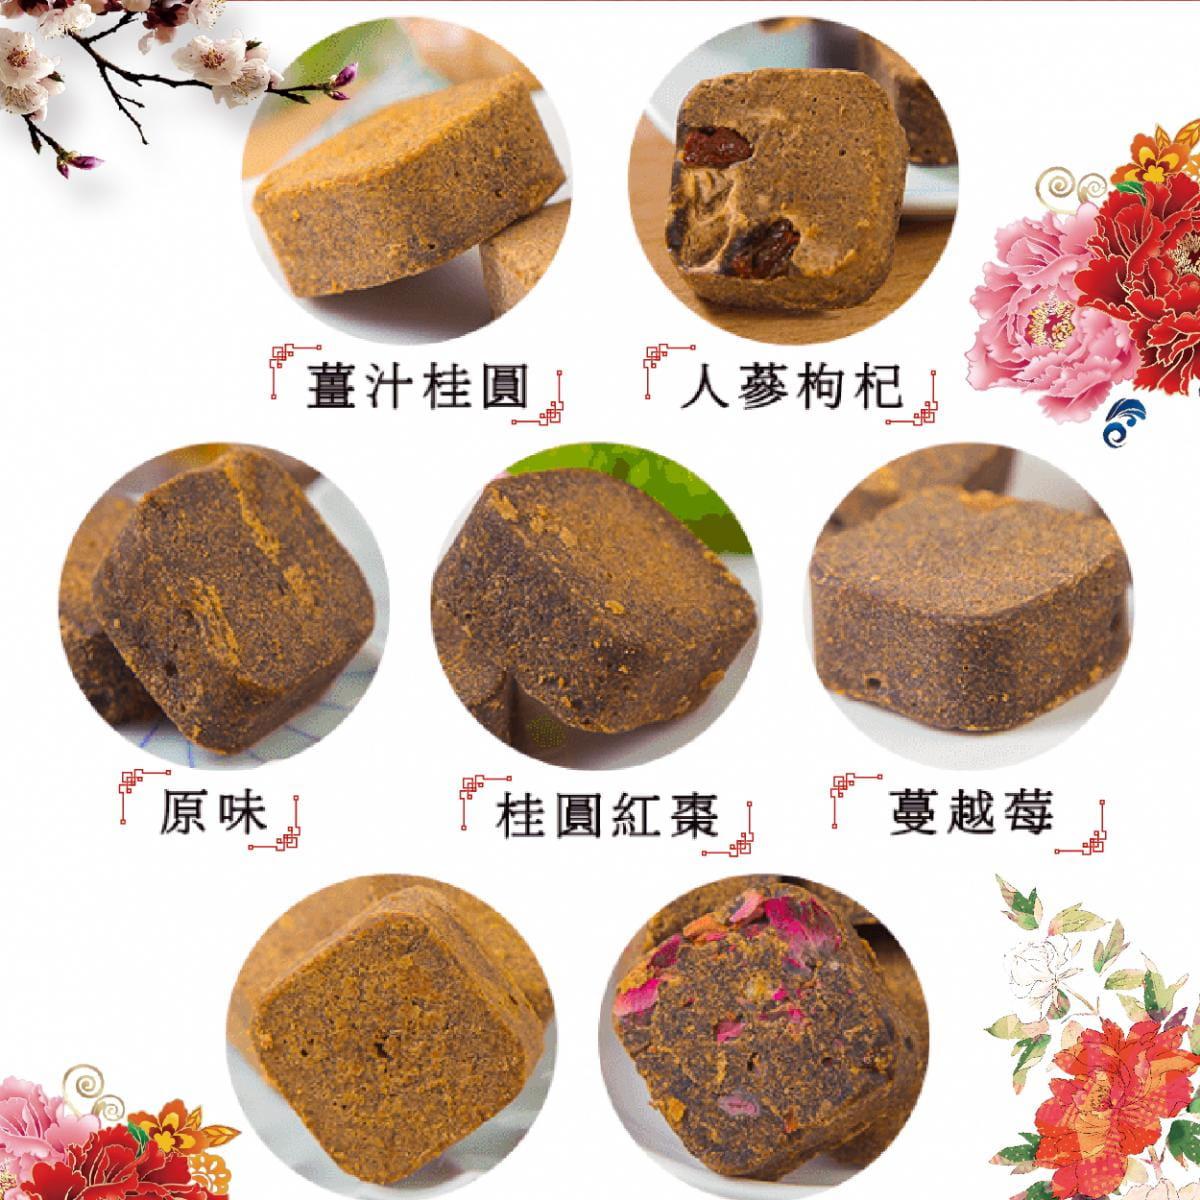 【台灣上青】養生黑糖塊系列 (七種口味任選) 1